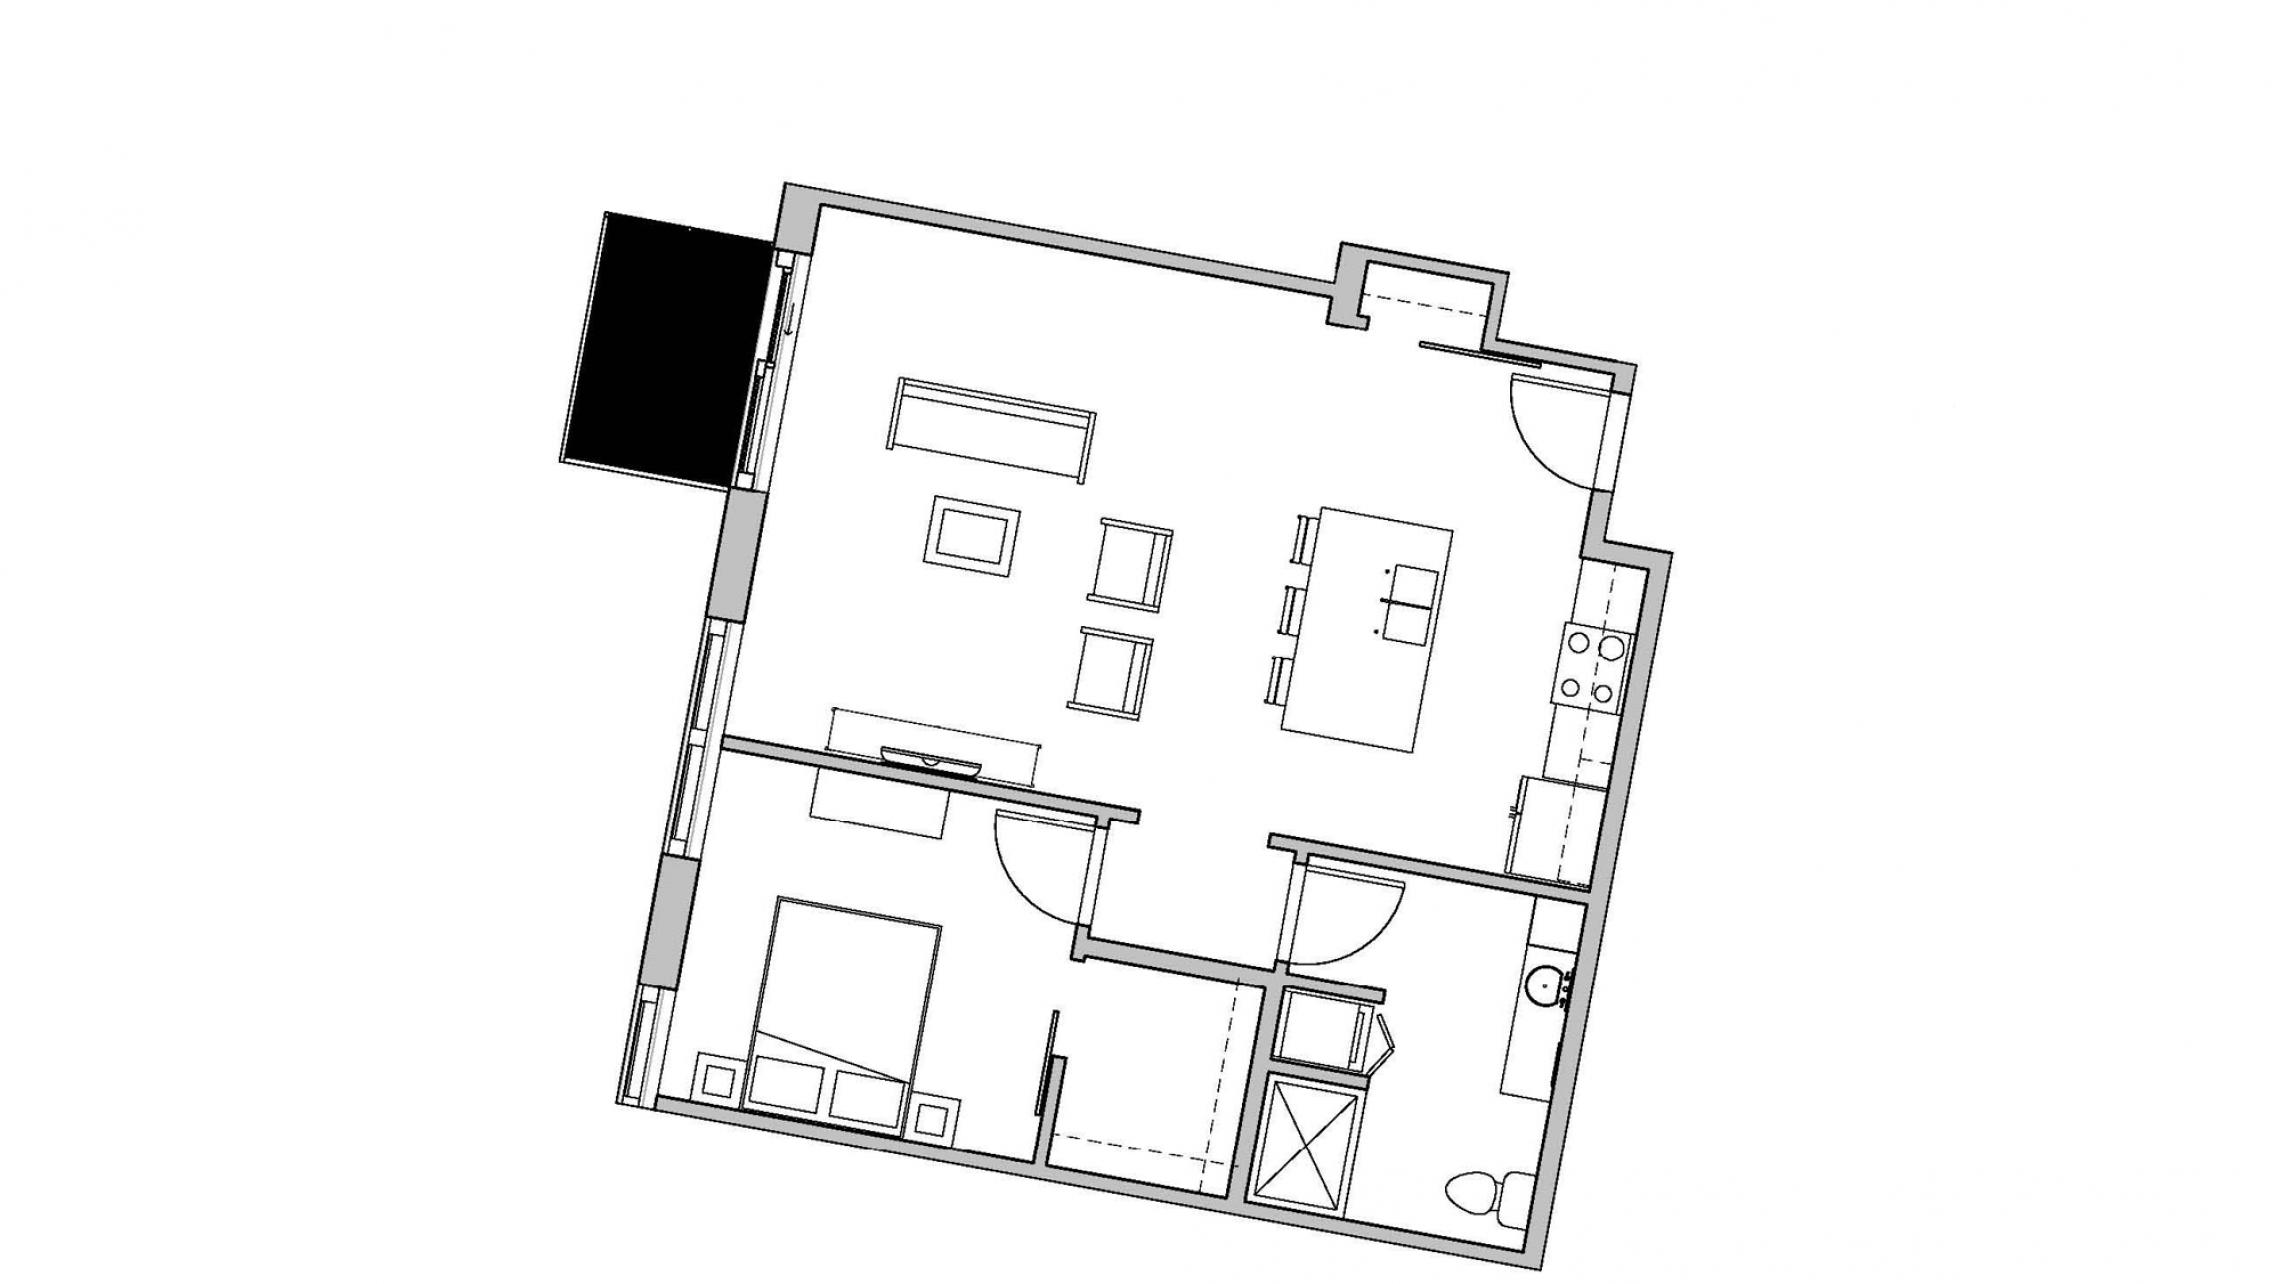 ULI Seven27 530 - One Bedroom, One Bathroom